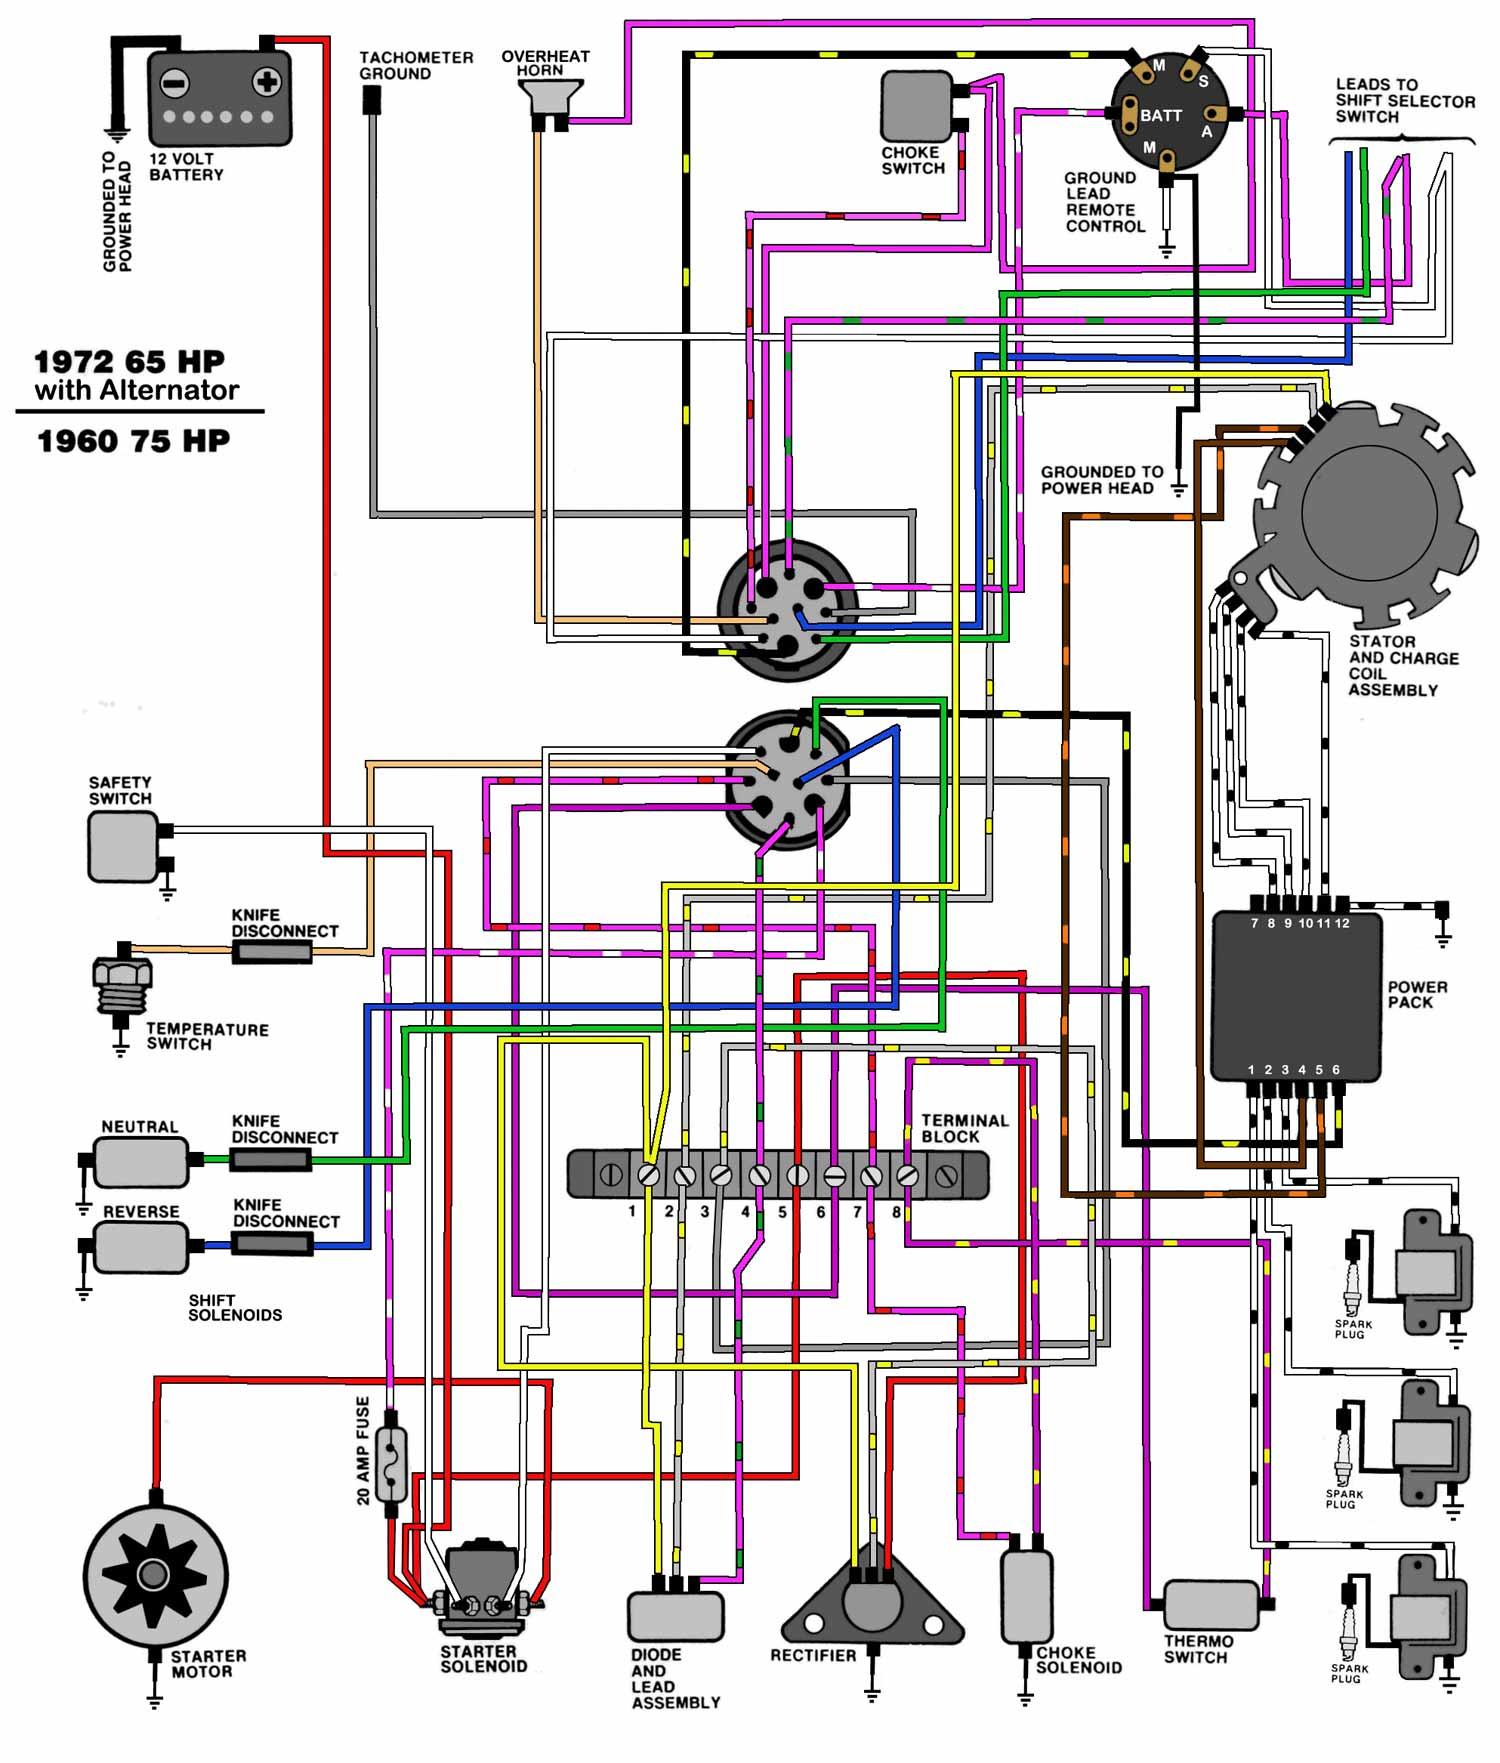 1973 evinrude 65 wiring diagram